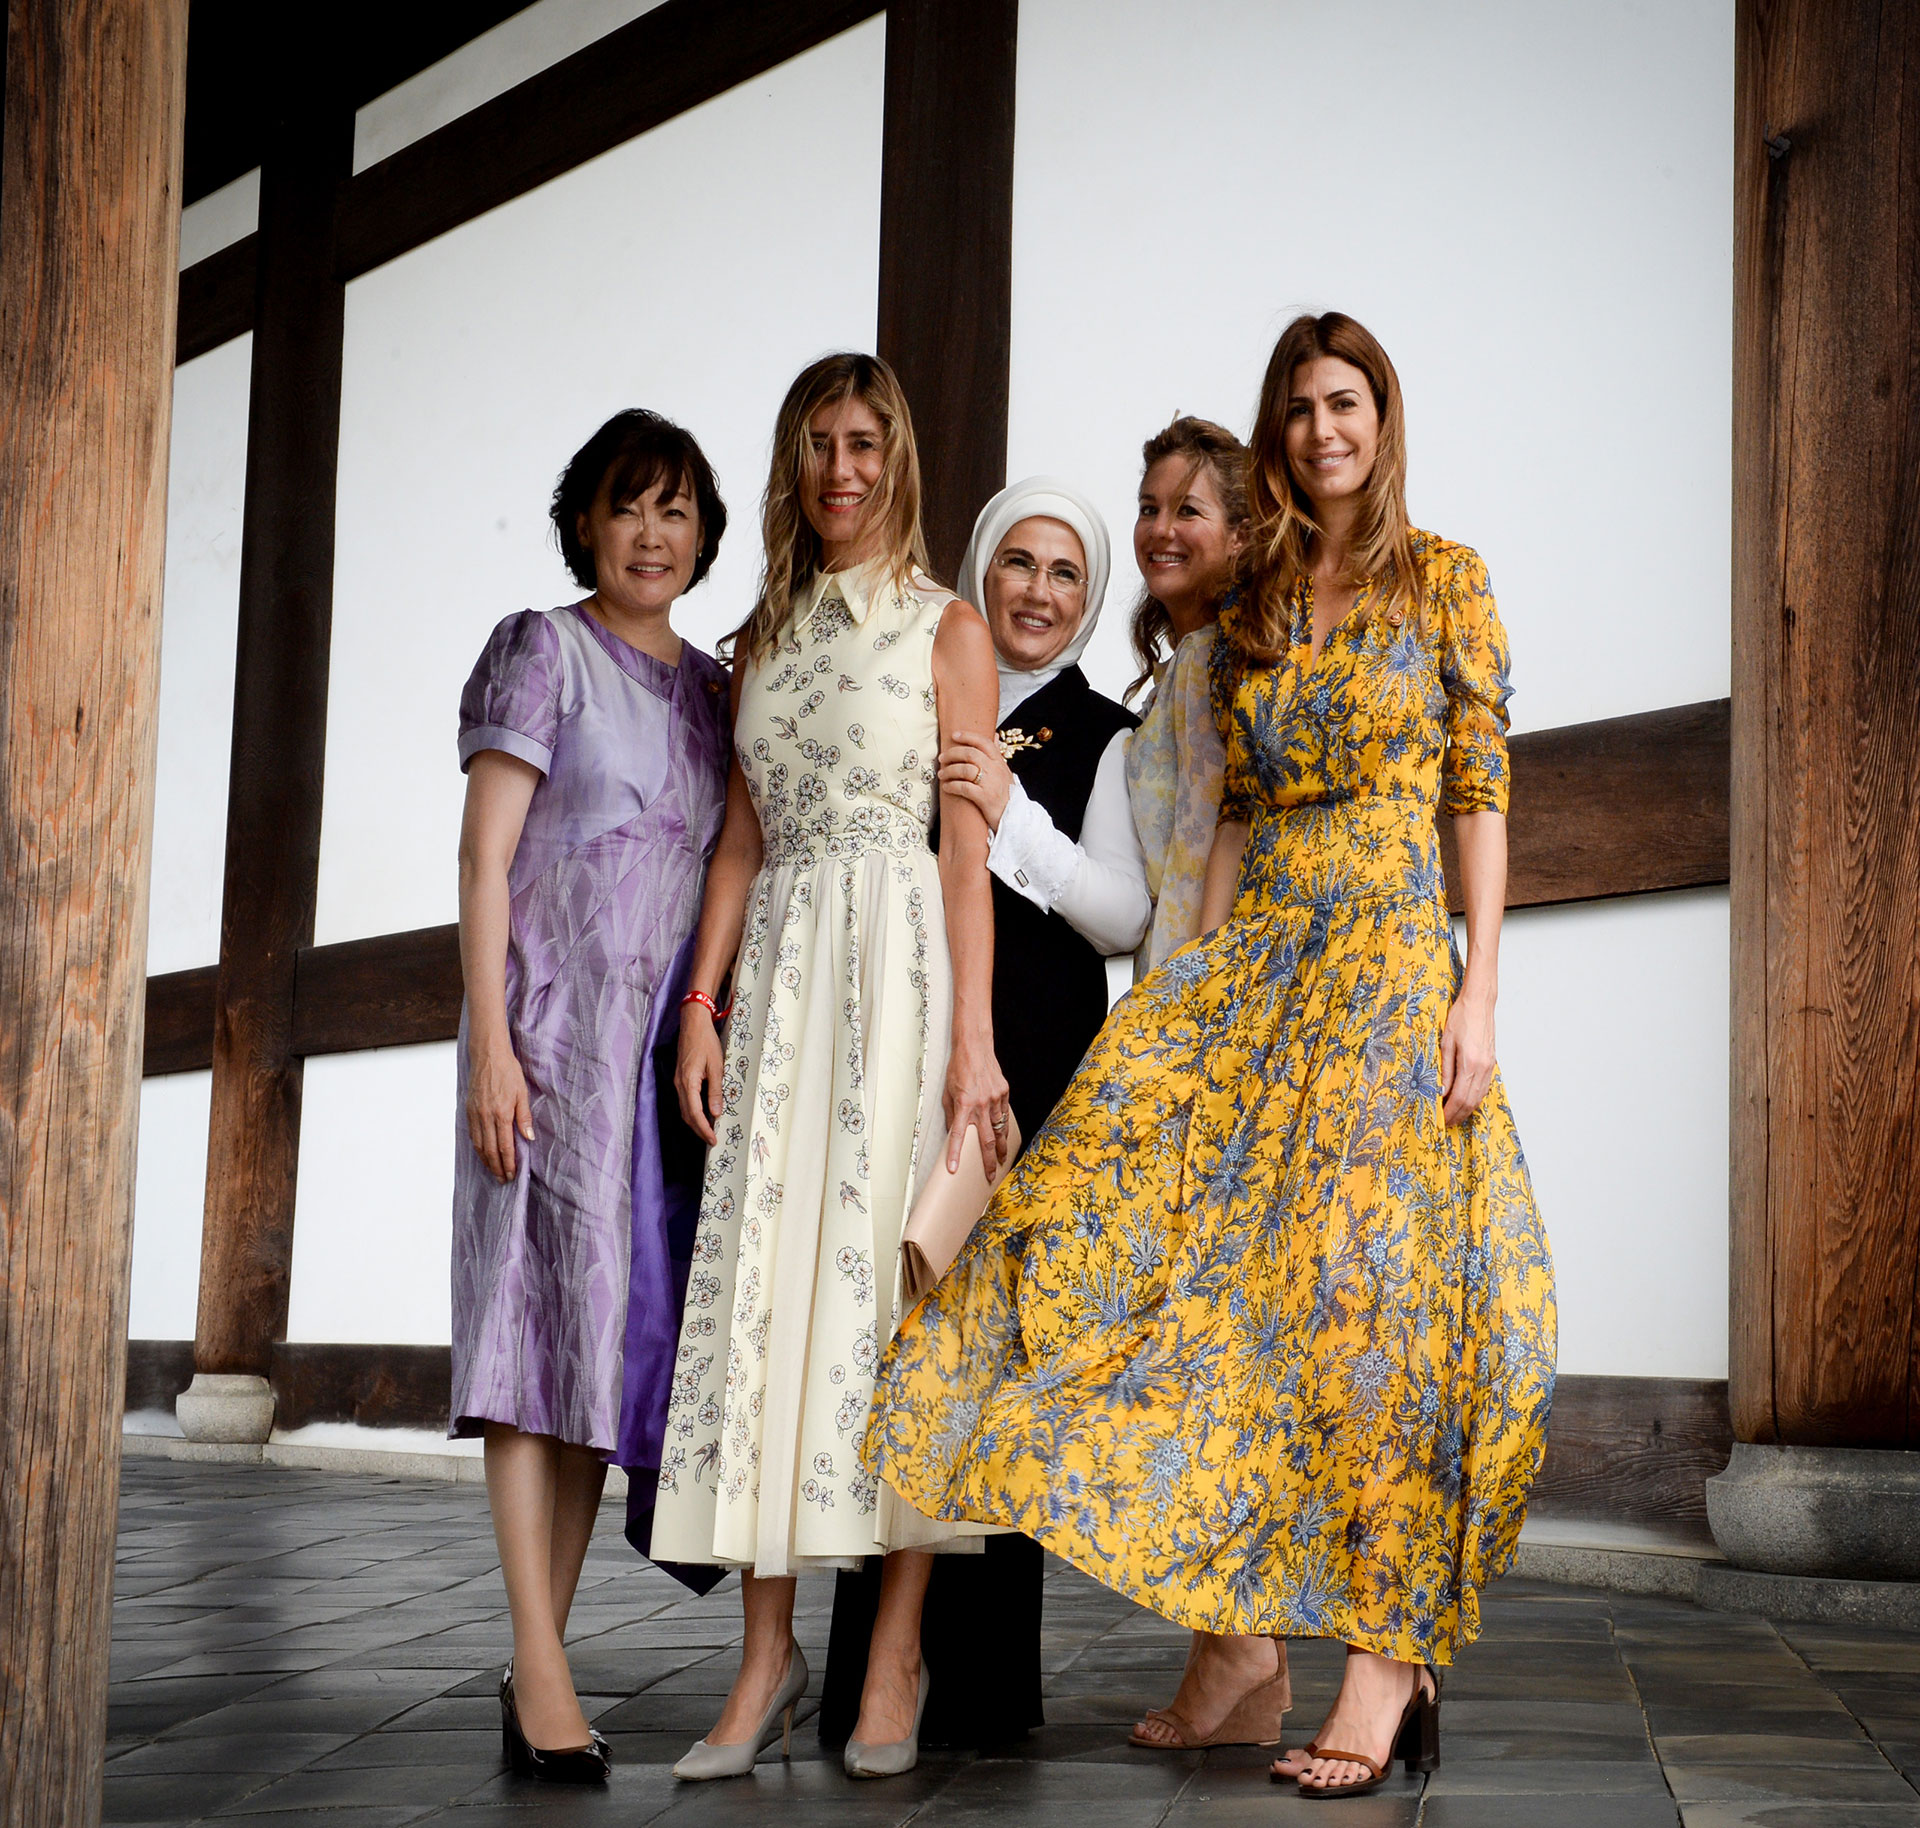 La Primera Dama, Juliana Awada, con sus pares: de izquierda a derecha: Akie Abe (Japón) Begoña Gómez (España), Emine Erdoğan (Turquía) y Sophie Trudeau (Canadá)